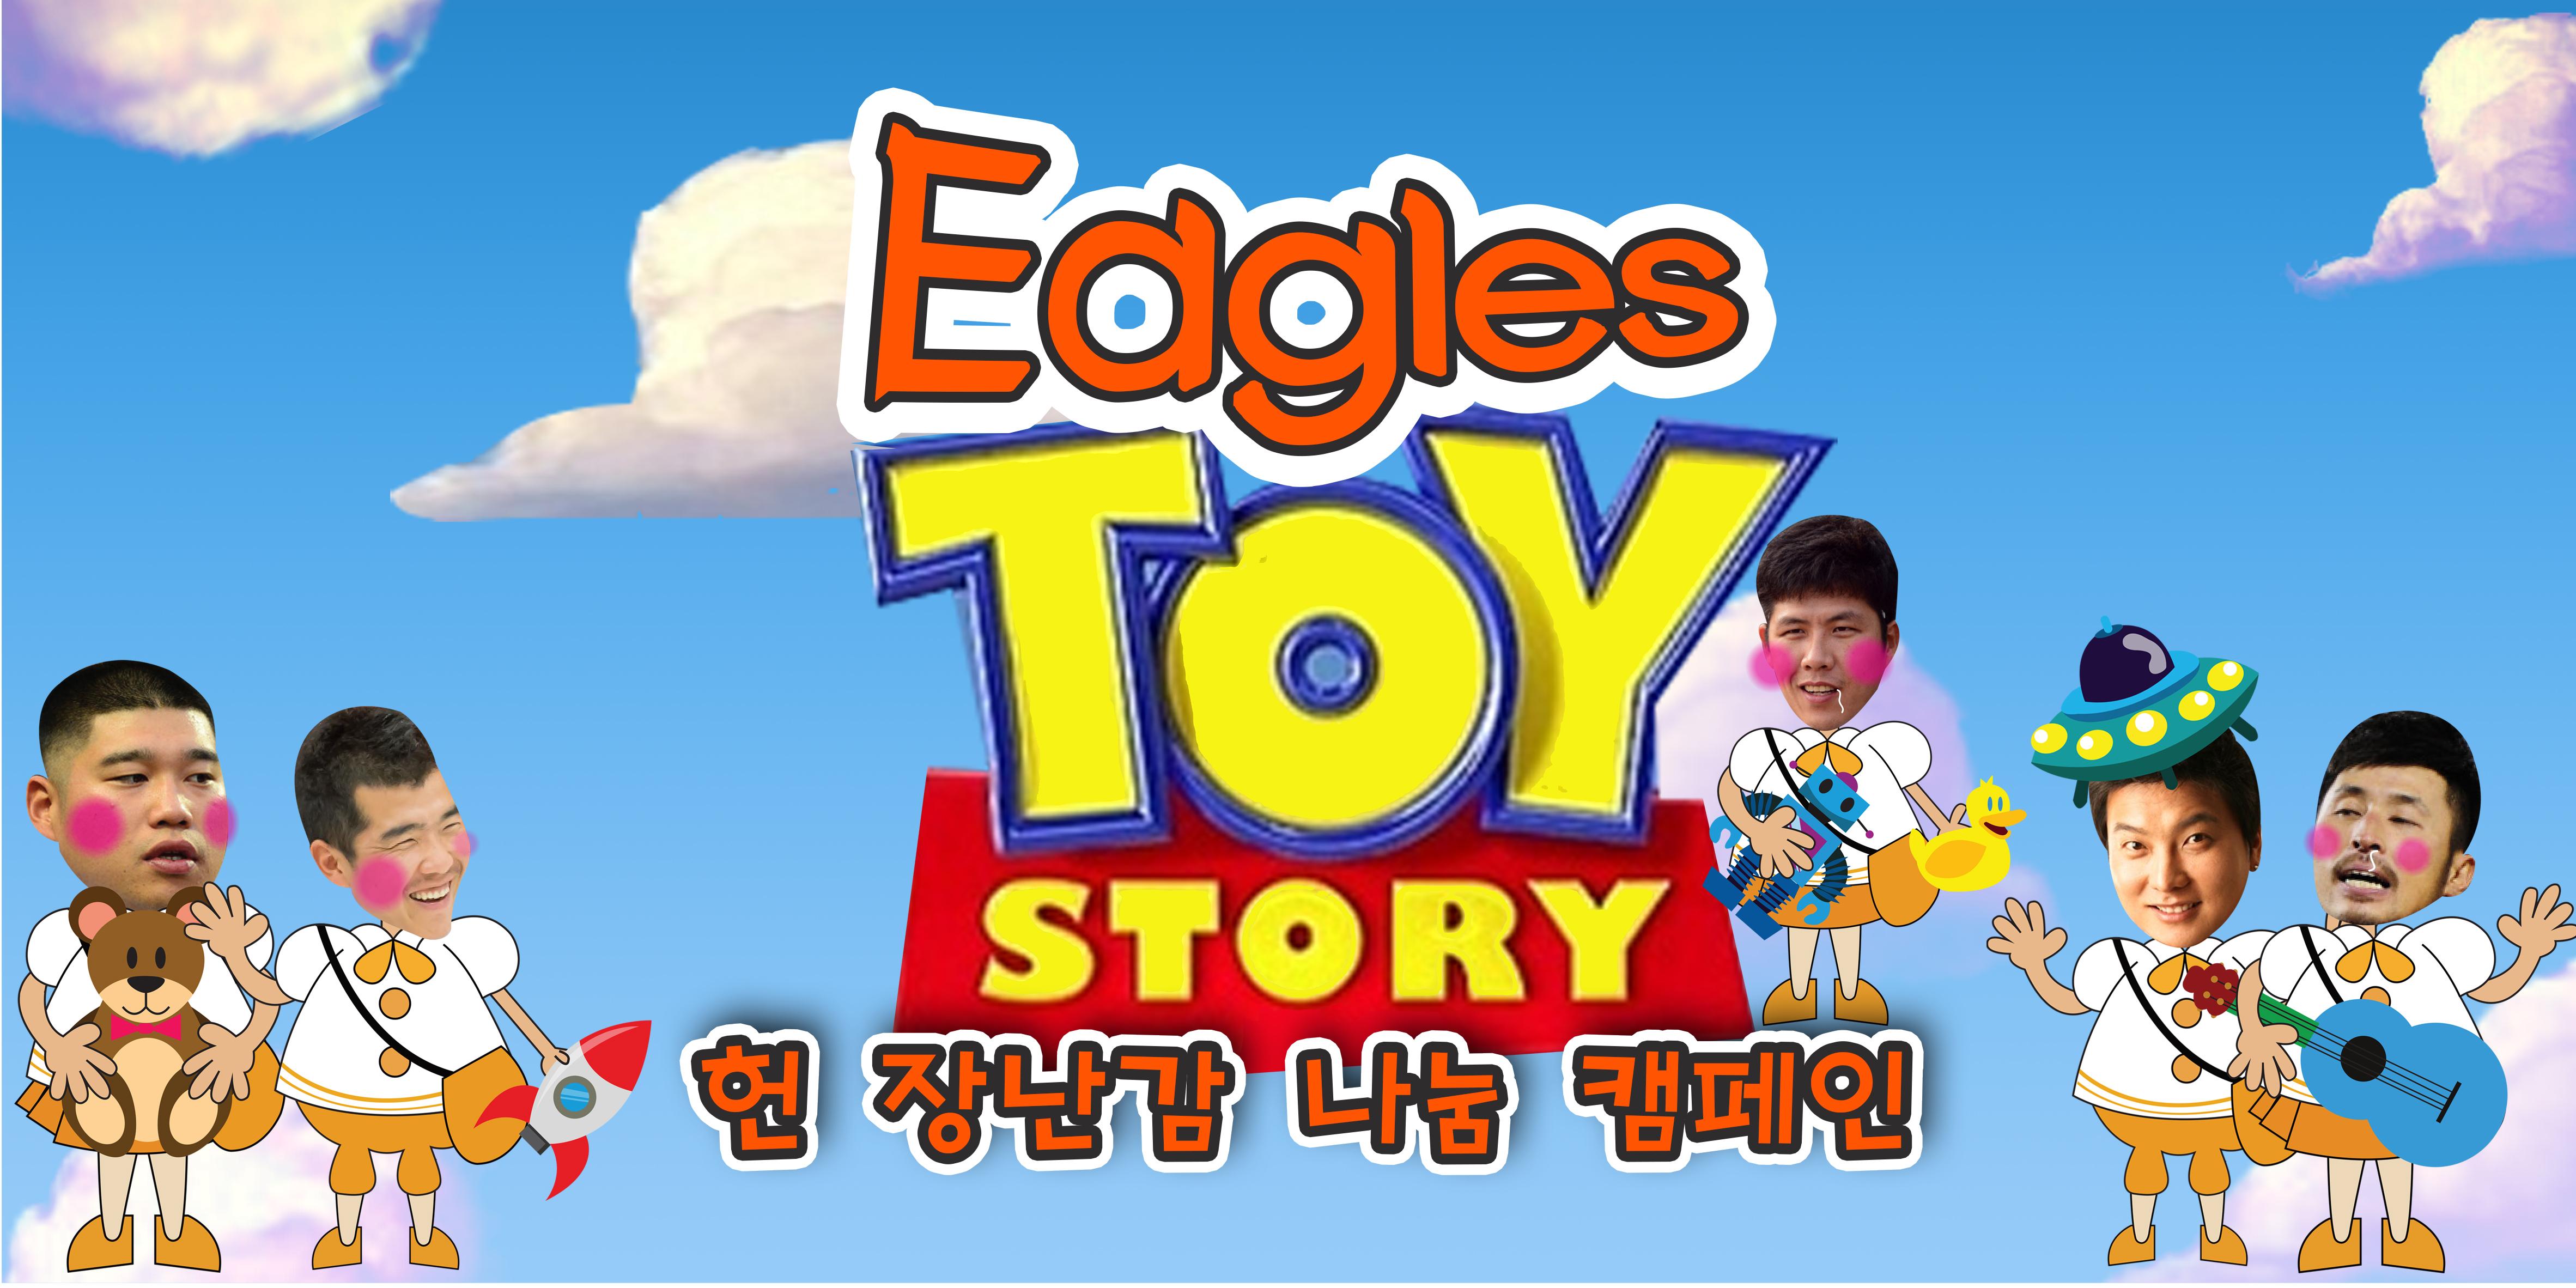 어린이날 '이글스 토이스토리' 장난감 도네이션 캠페인